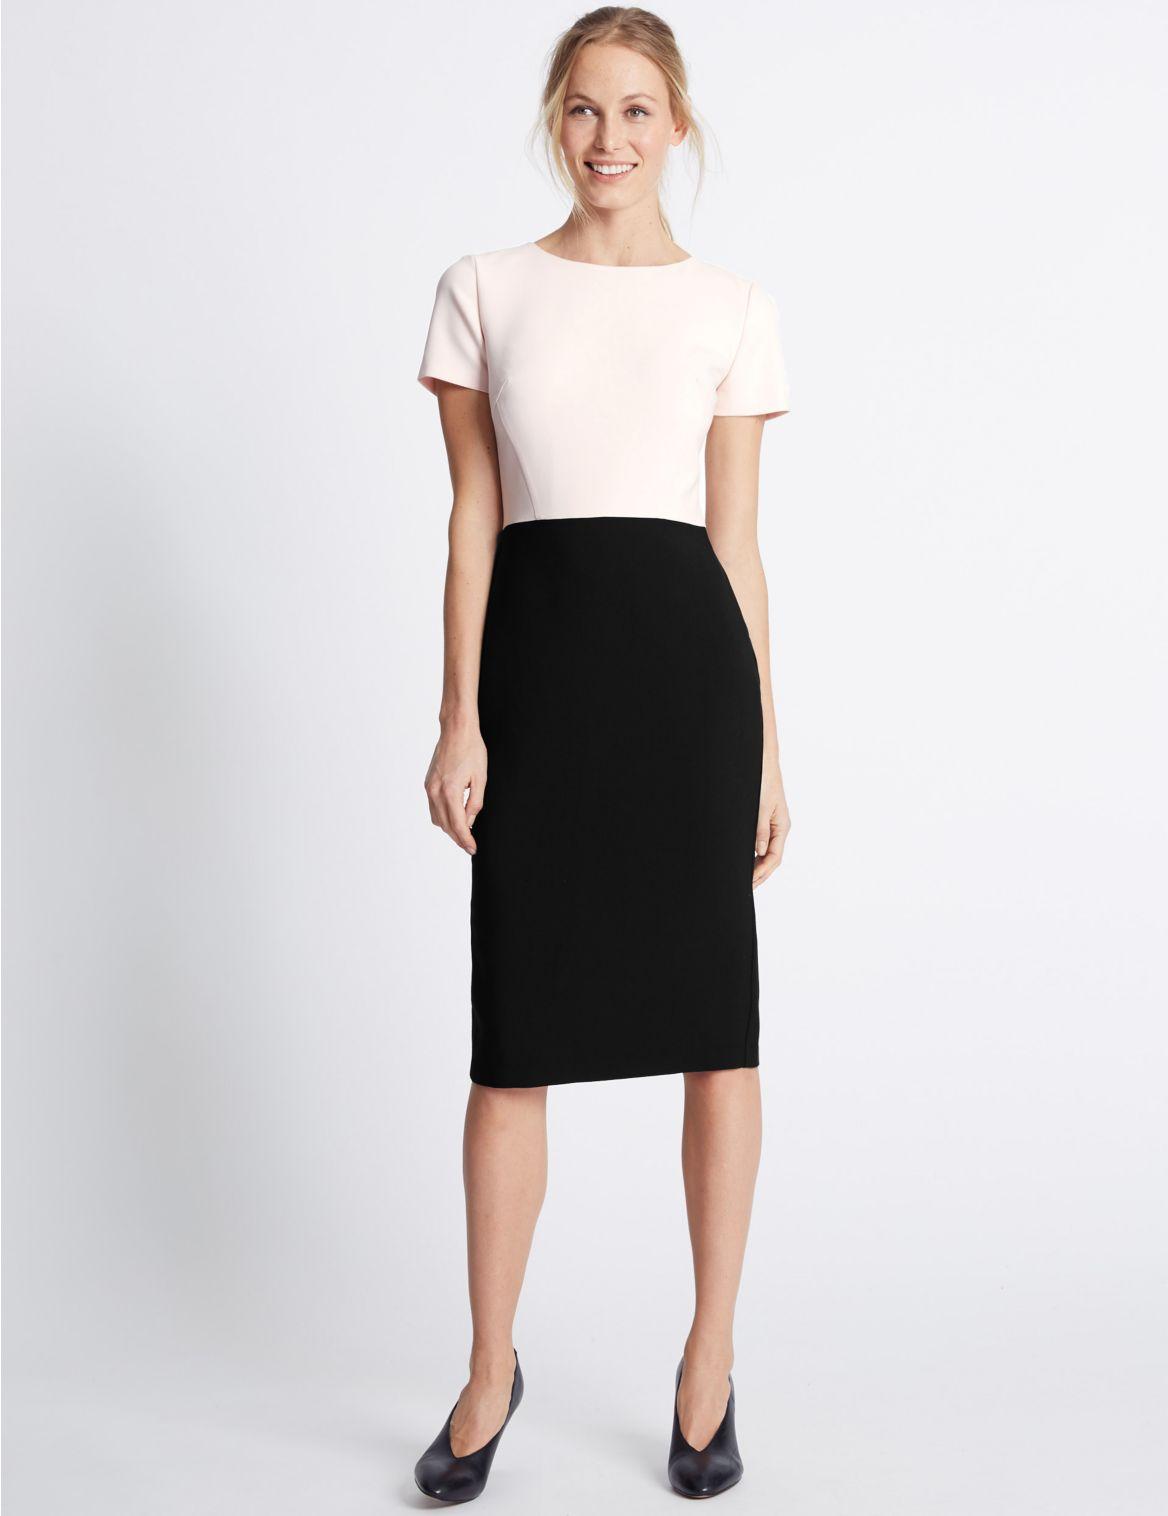 Gevoerde rechte jurk met korte